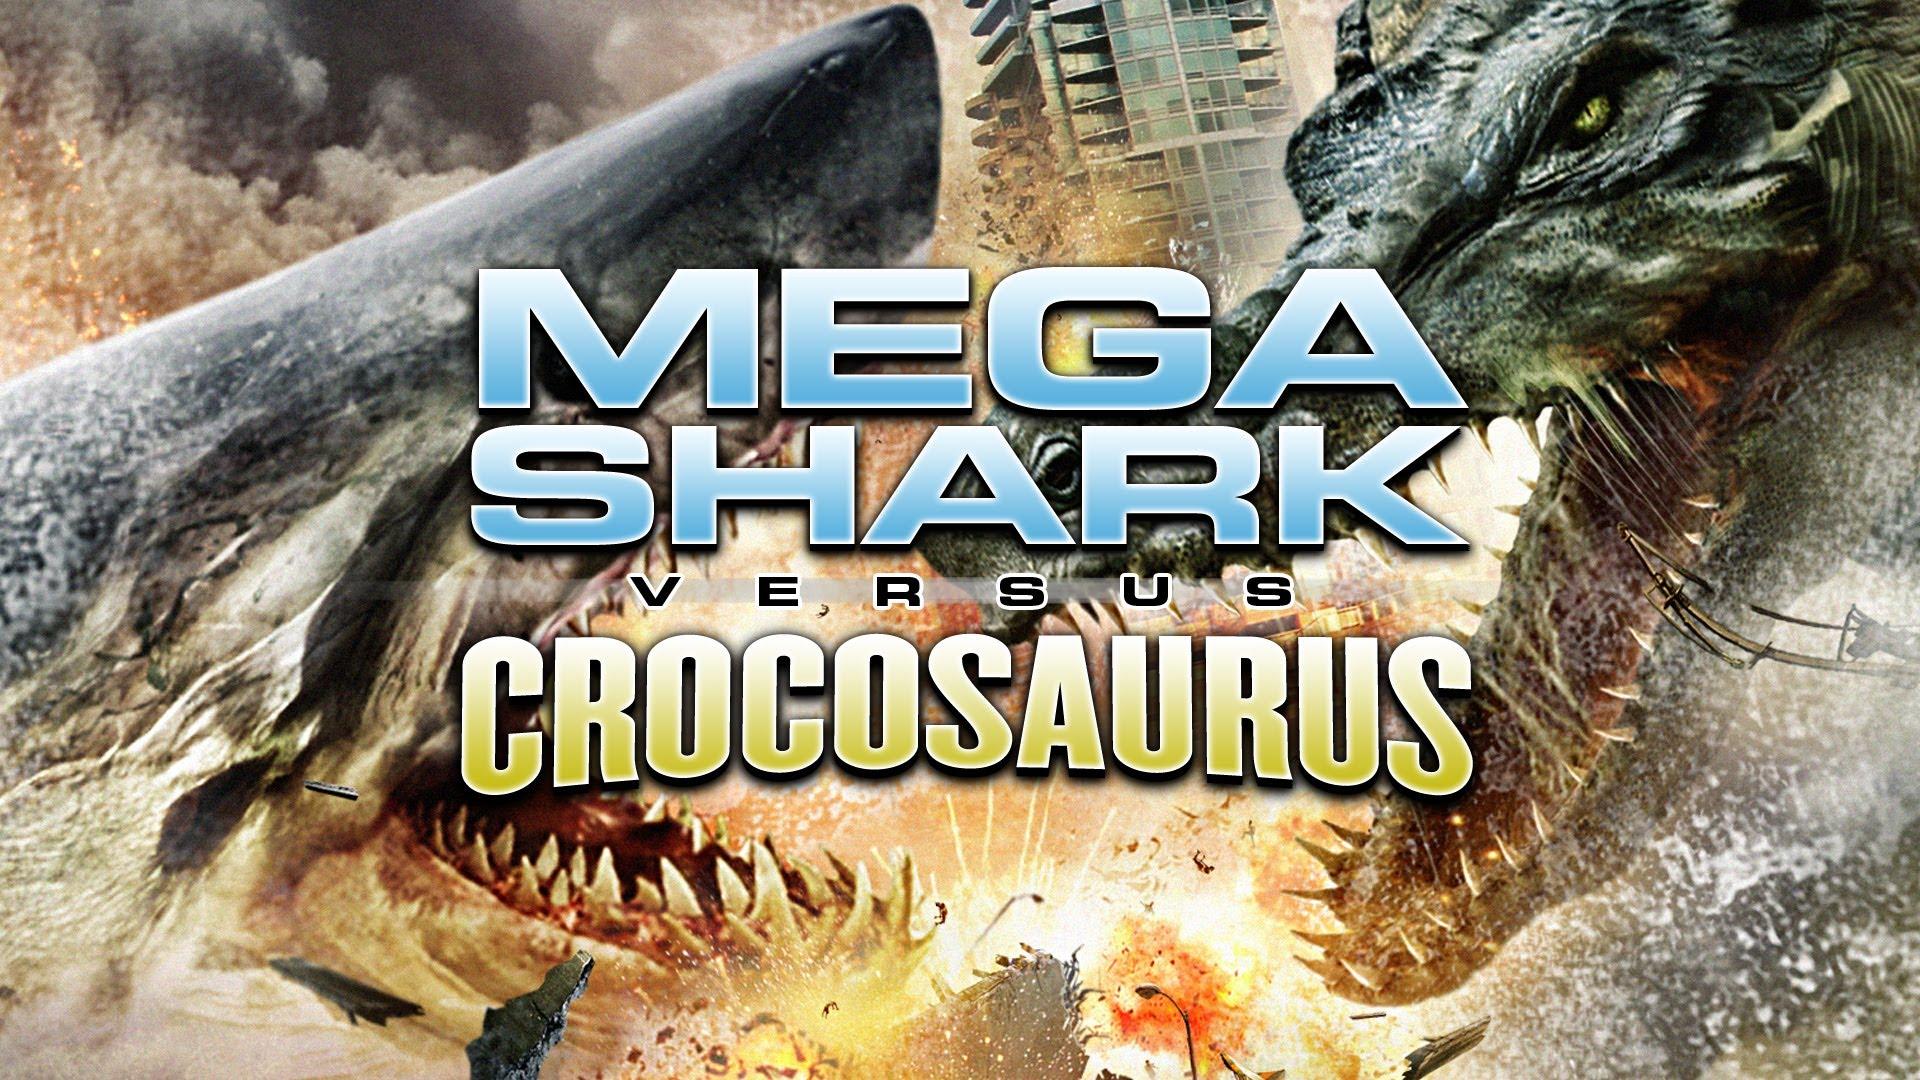 Megashark vs Crocosaurus